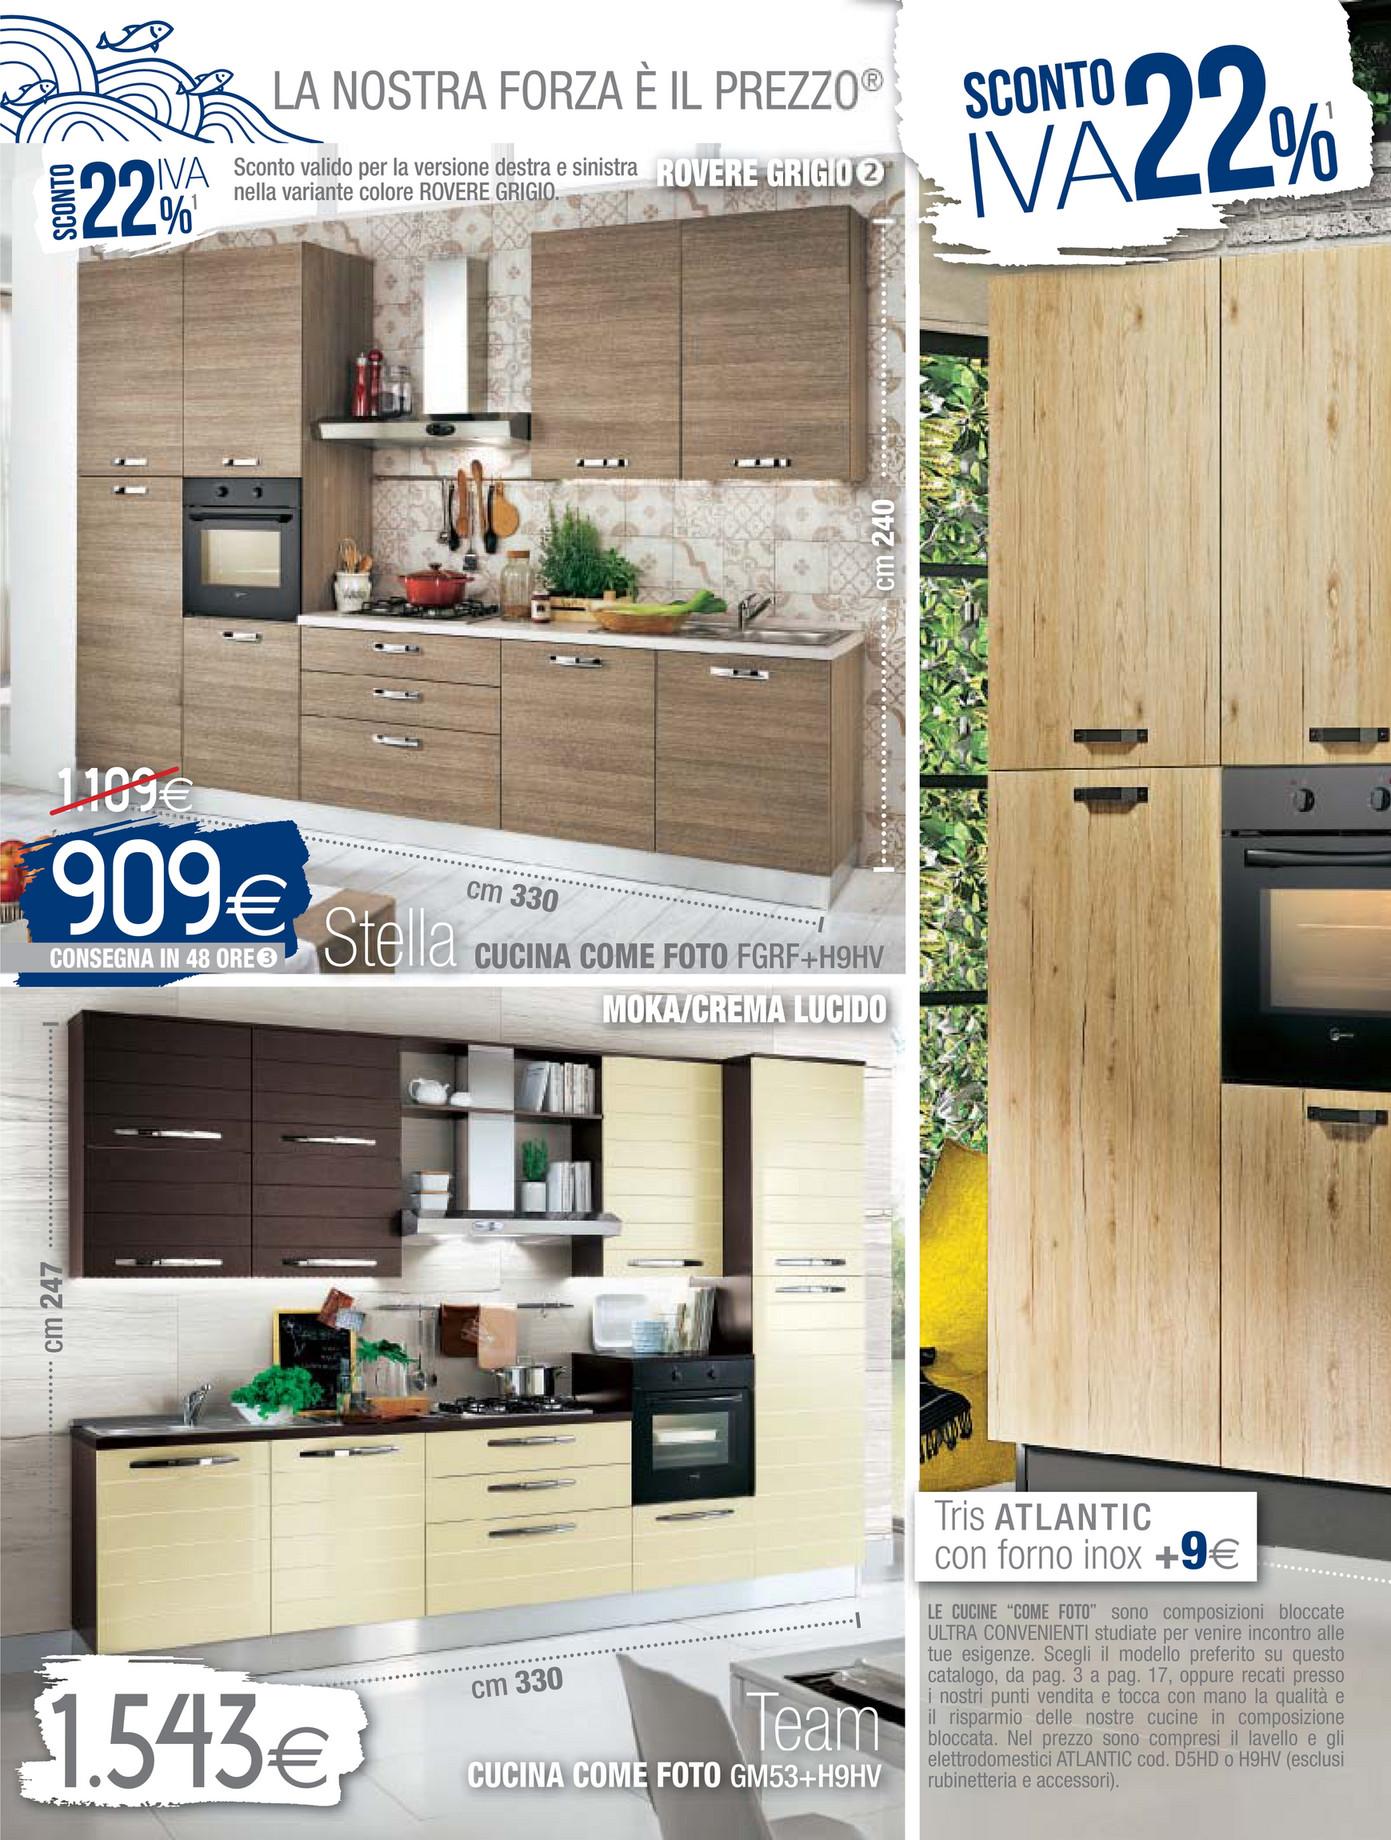 Awesome Cucine Mondo Convenienza Come Sono Pictures - Design & Ideas ...